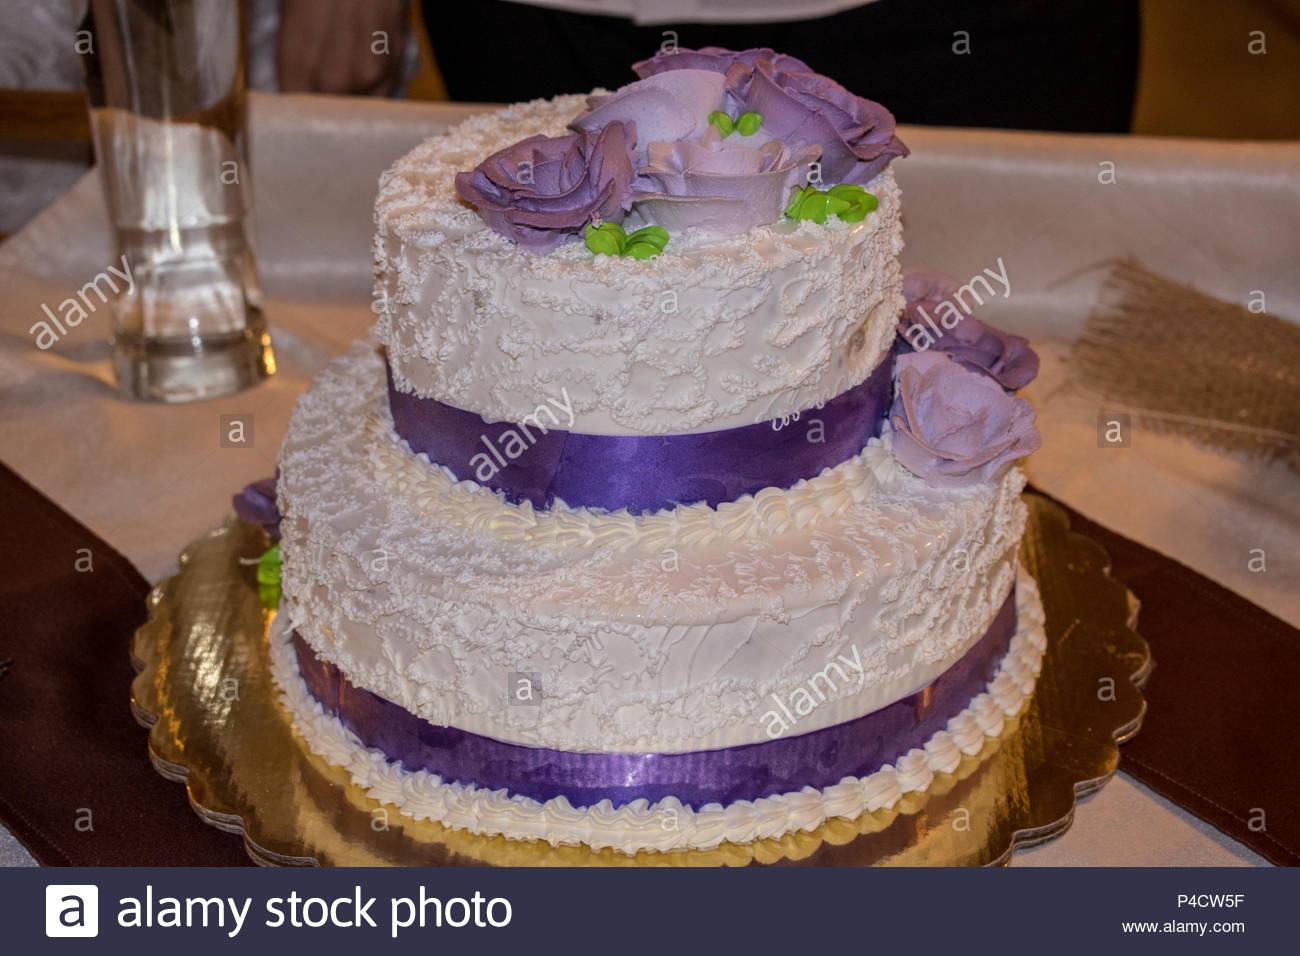 Gateau De Mariage Blanc Avec Beaucoup De Tampons De Juteux